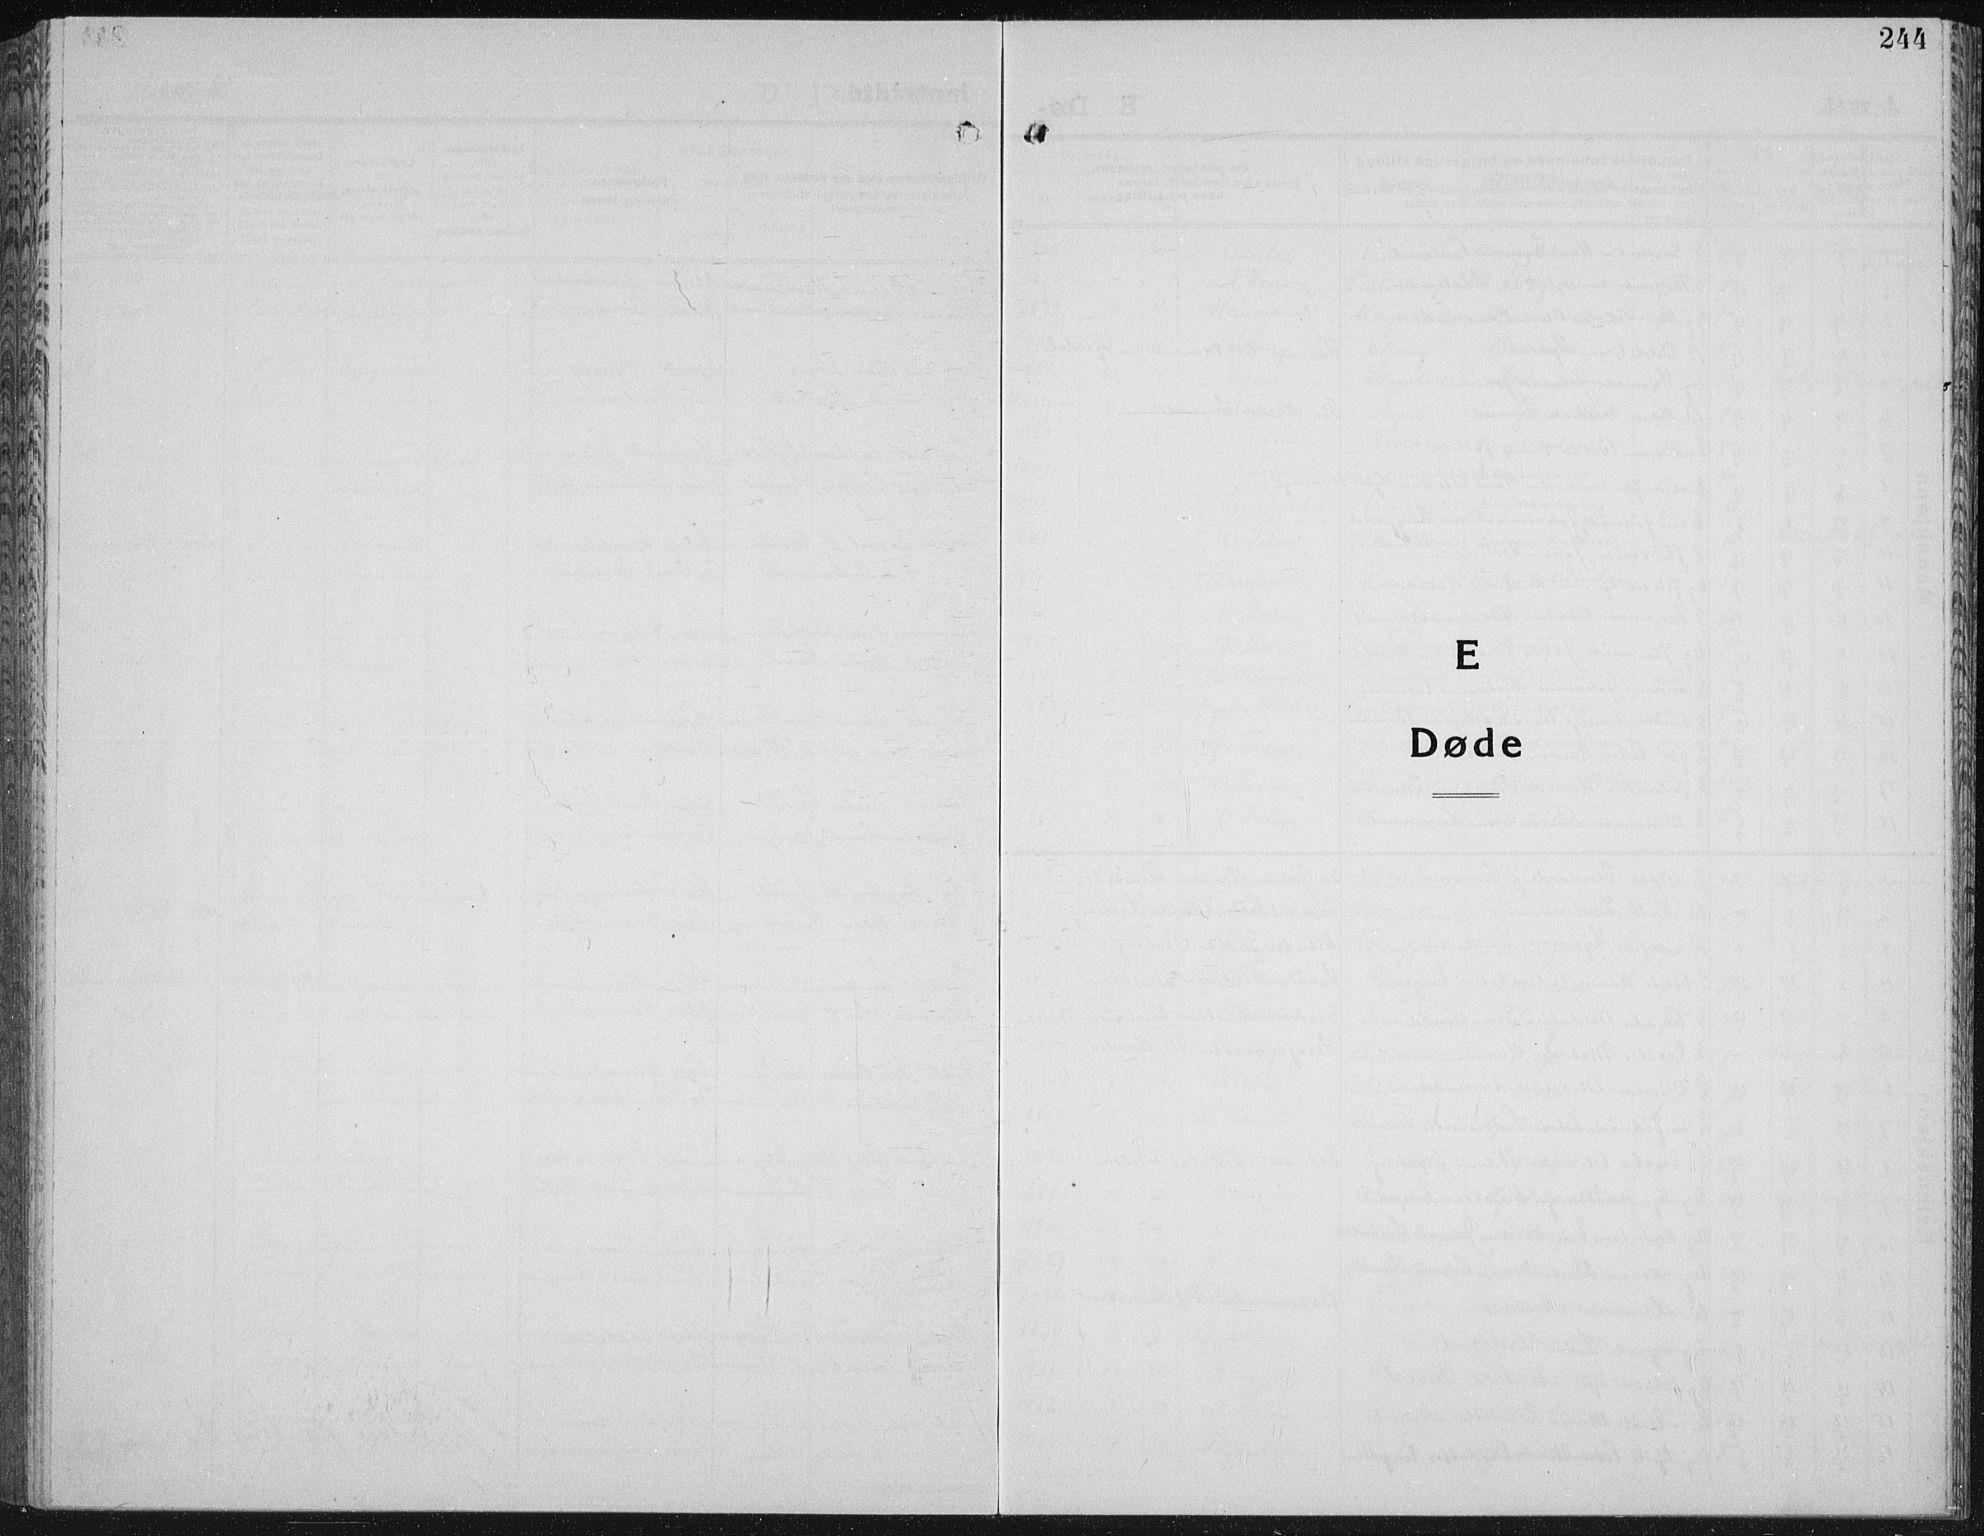 SAH, Vestre Toten prestekontor, H/Ha/Hab/L0018: Klokkerbok nr. 18, 1928-1941, s. 244